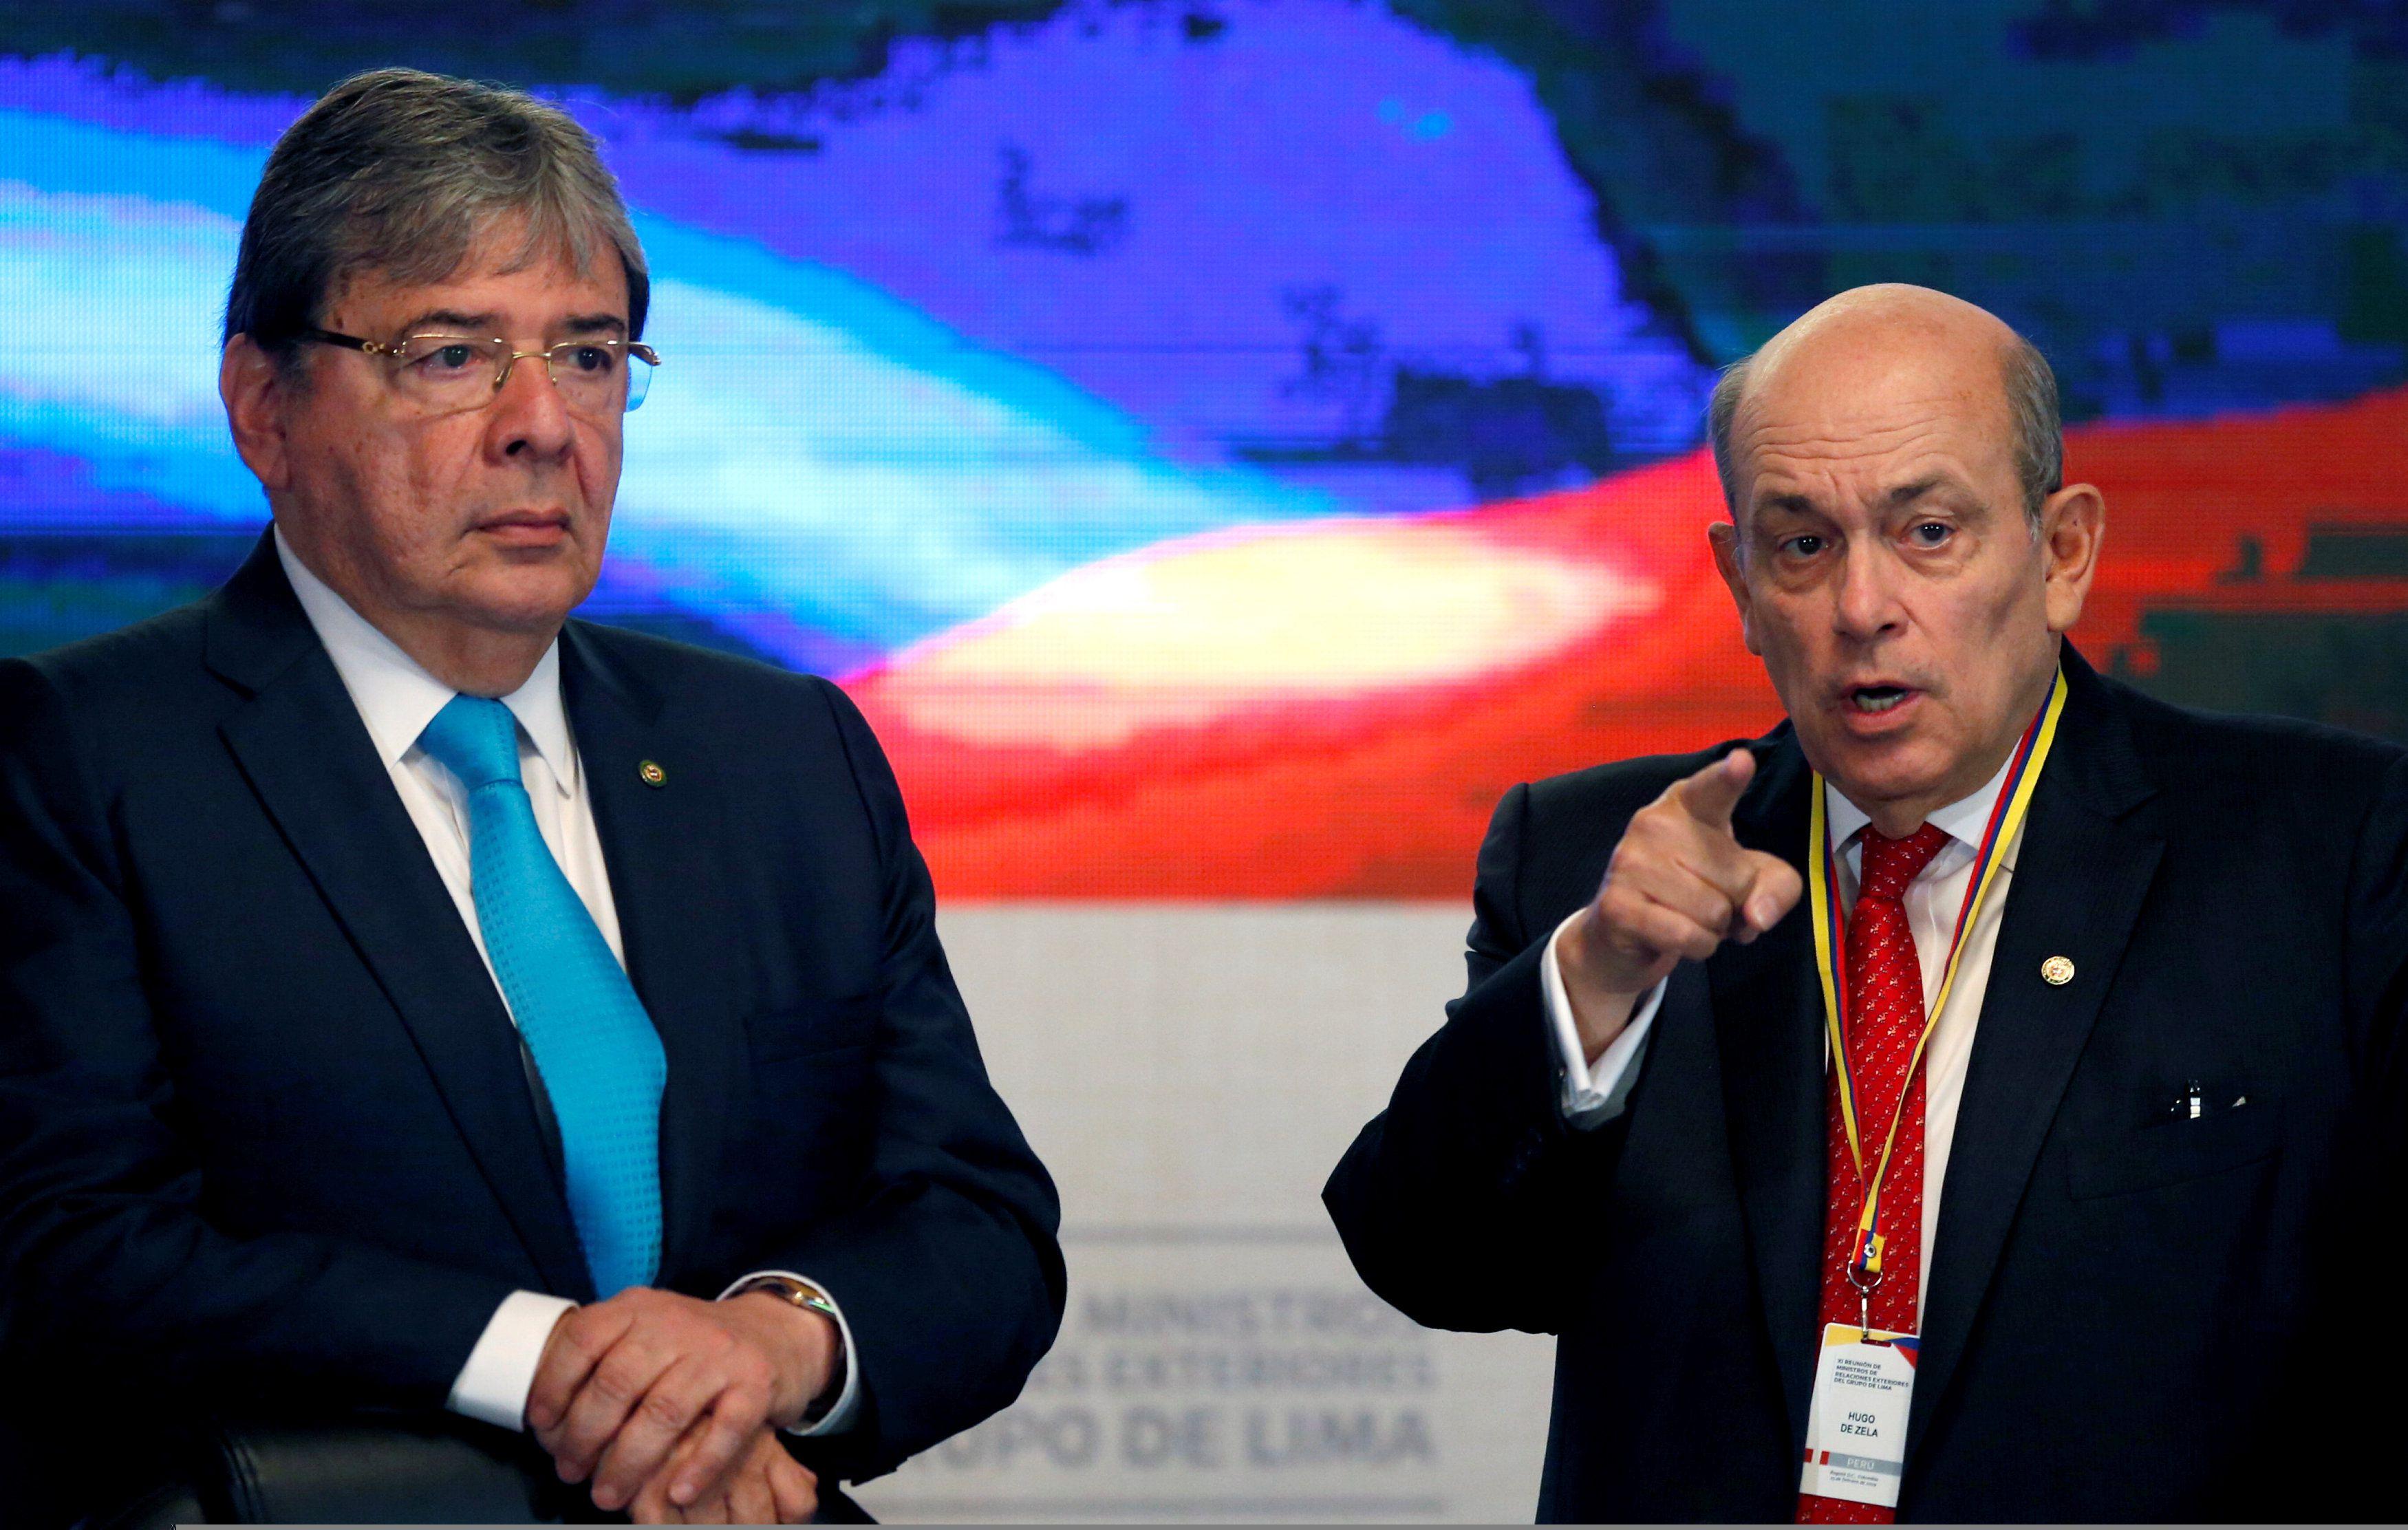 El ex canciller y ahora ministro defensa colombiano, Carlos Holmes Trujillo, y el canciller peruano, Hugo de Zela. (REUTERS/Luisa Gonzalez)